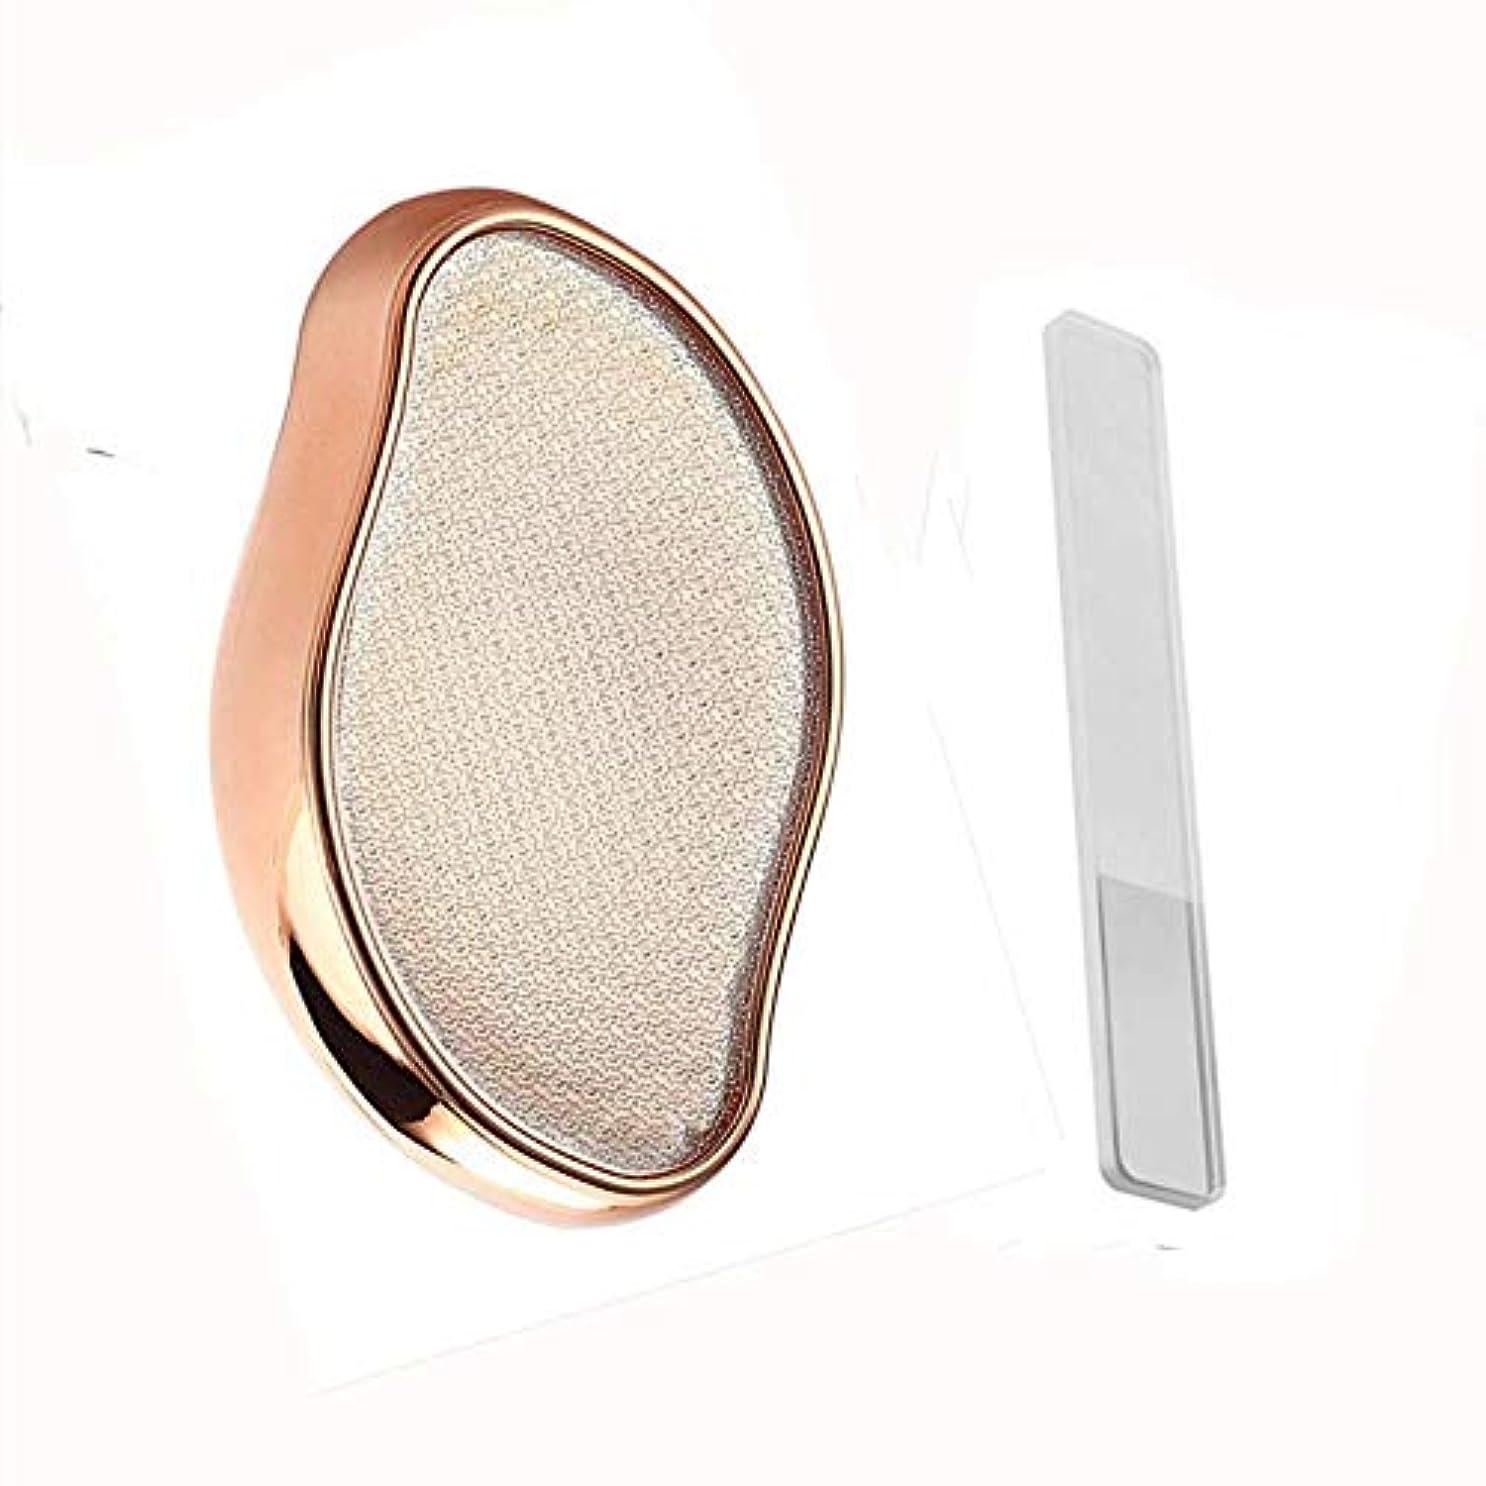 デモンストレーションウェーハブランドかかとやすり ガラス製 かかと磨き 角質取り フット用品 フットケア かかと 角質やすり 角質除去 魚の目削り 爪やすり付き 2点セット